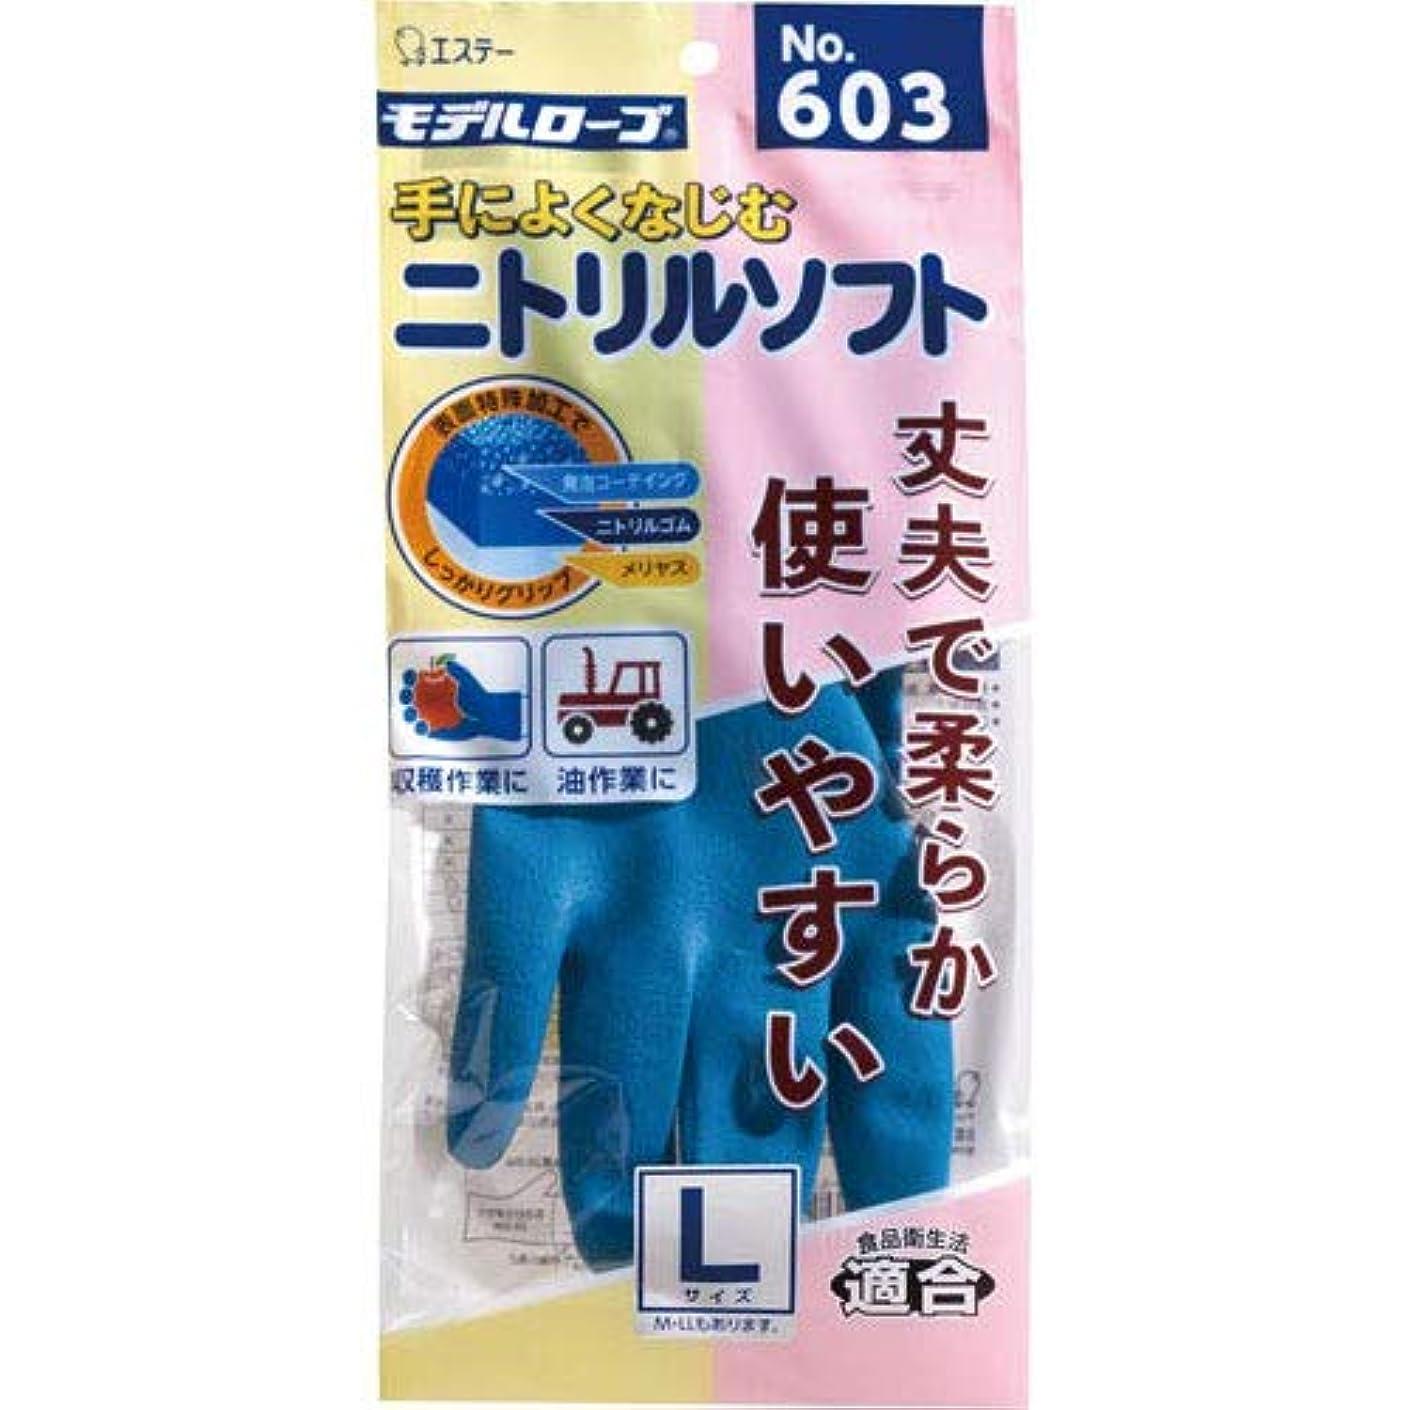 促す持参論争的モデルローブ ニトリルソフト No.603 L